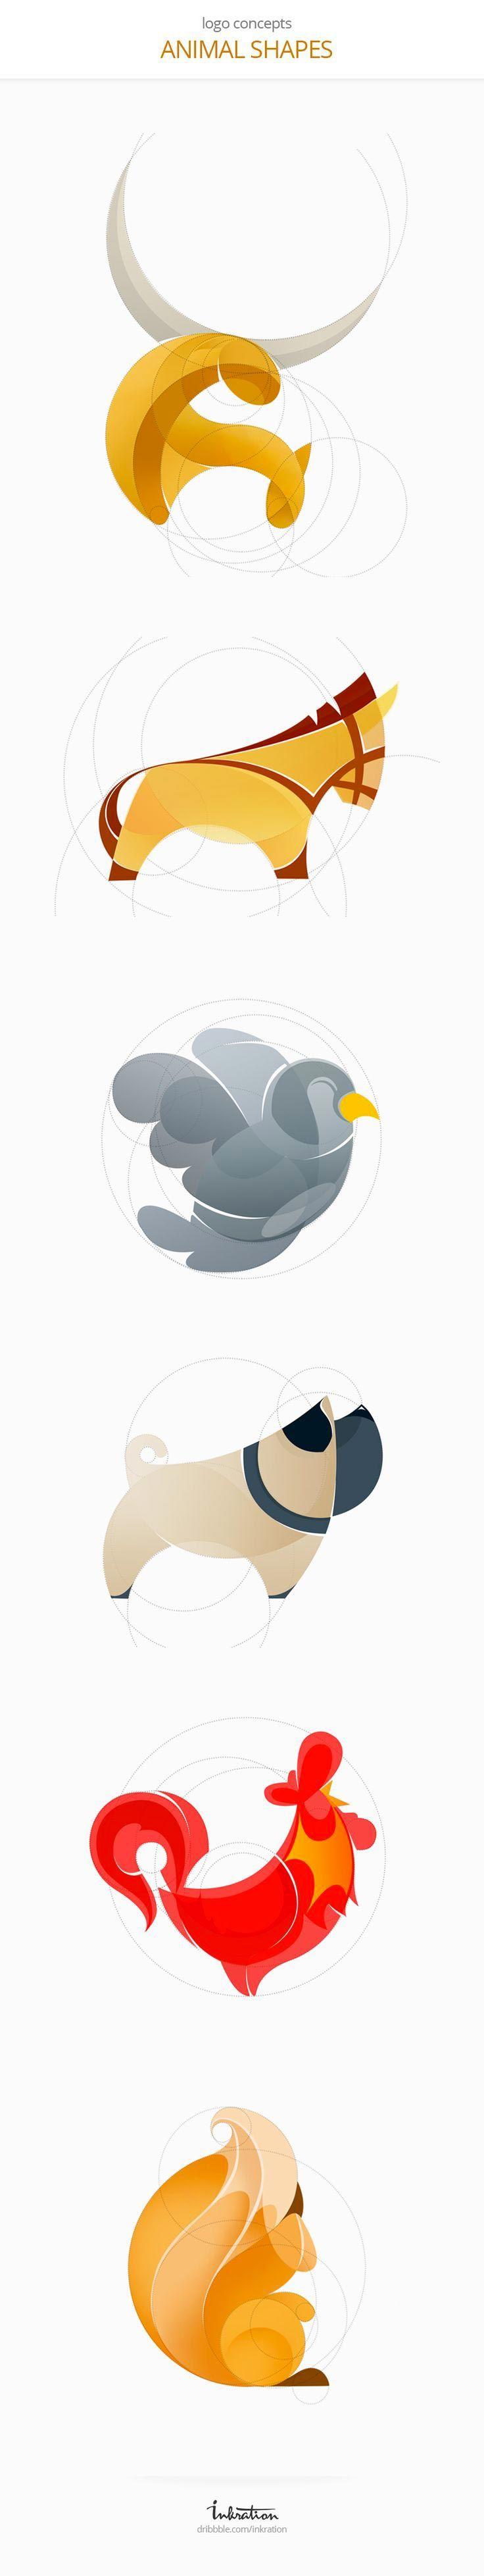 17 meilleures id es propos de logo d 39 animaux sur for Idee de creation d entreprise animaux